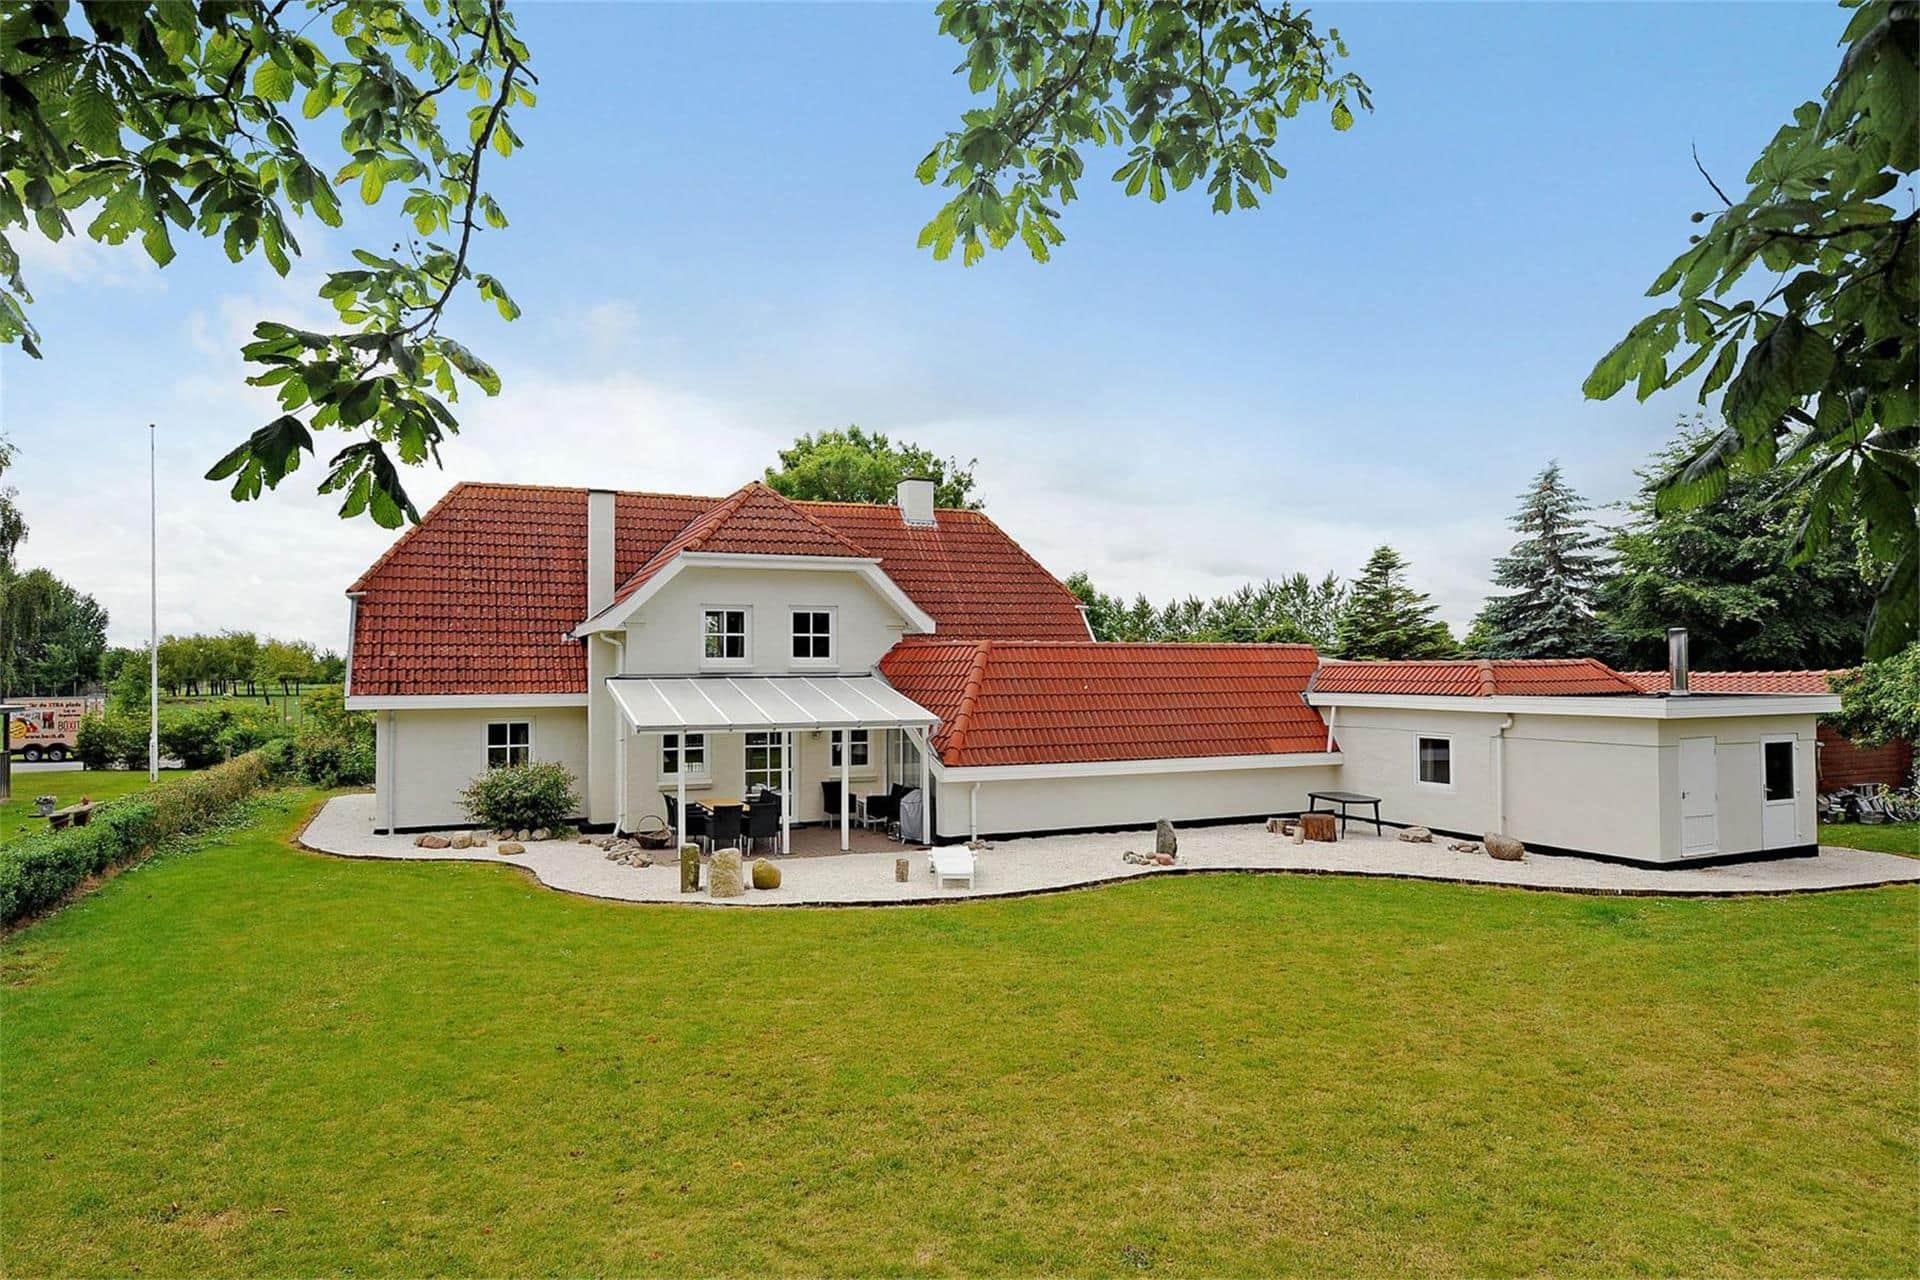 Billede 1-3 Sommerhus M64538, Tørresøvej 41, DK - 5450 Otterup